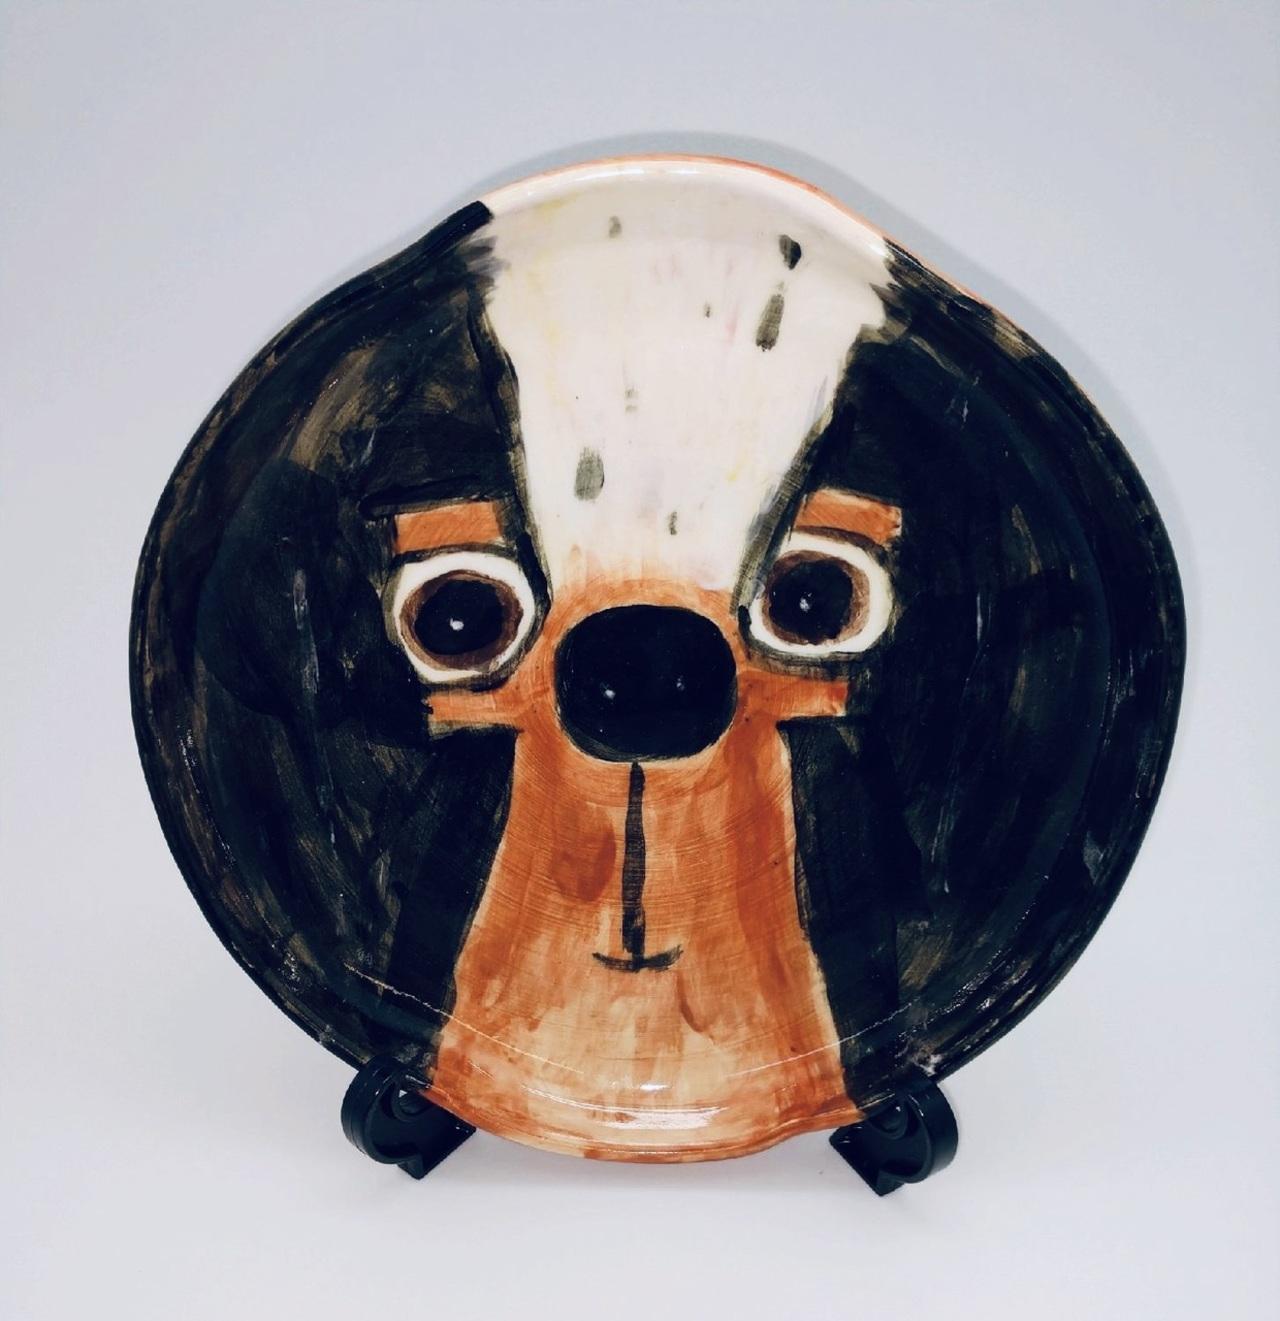 Smokey the Beagle Plate